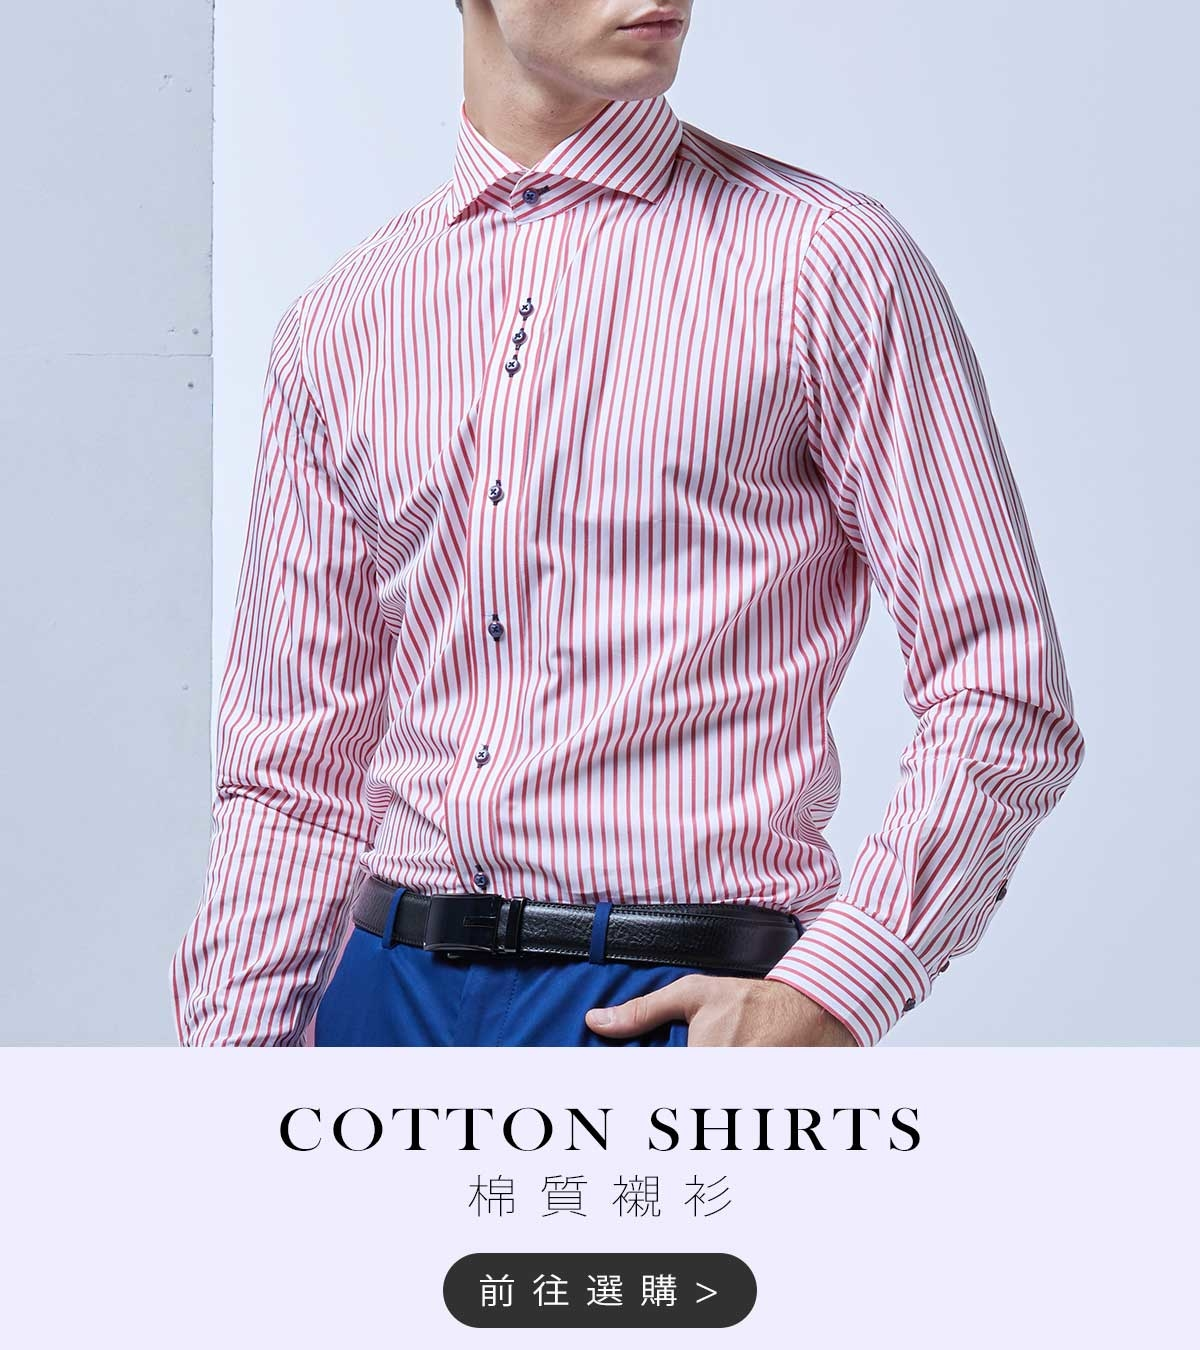 商務襯衫│棉質襯衫,具備純棉襯衫特性,親膚性以及極高透氣